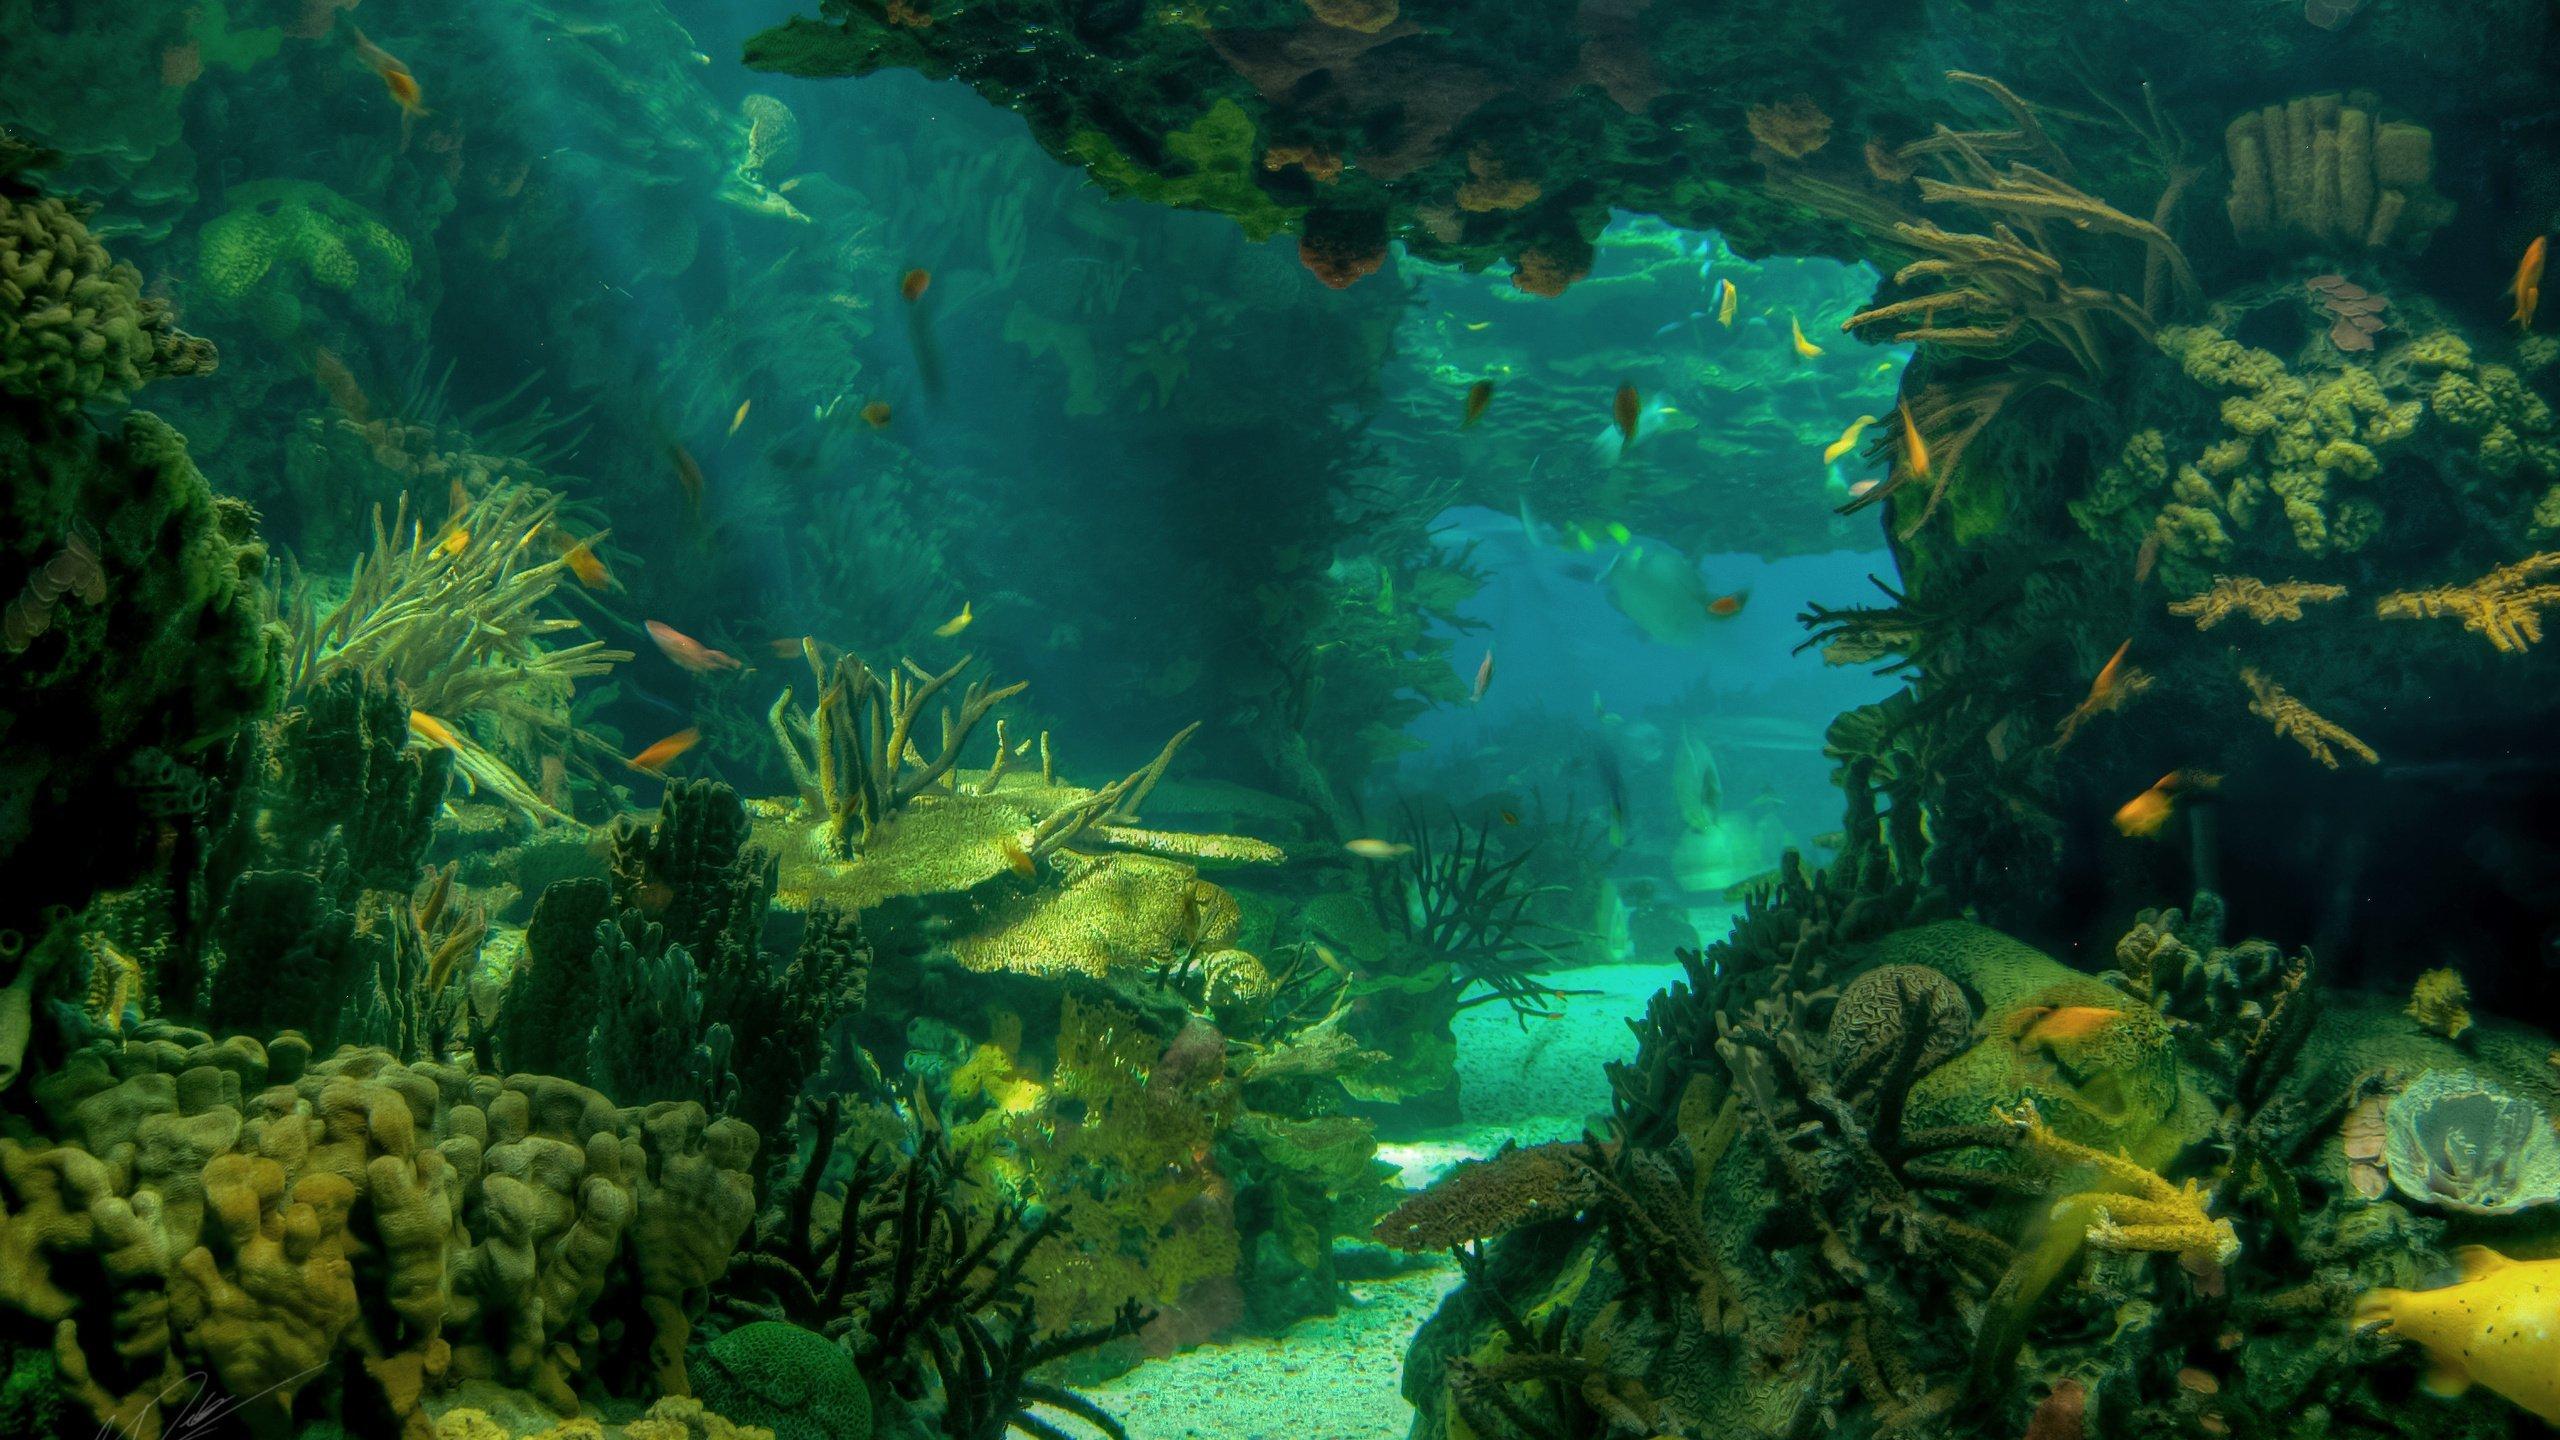 фотообои на рабочий стол глубины океана происходит